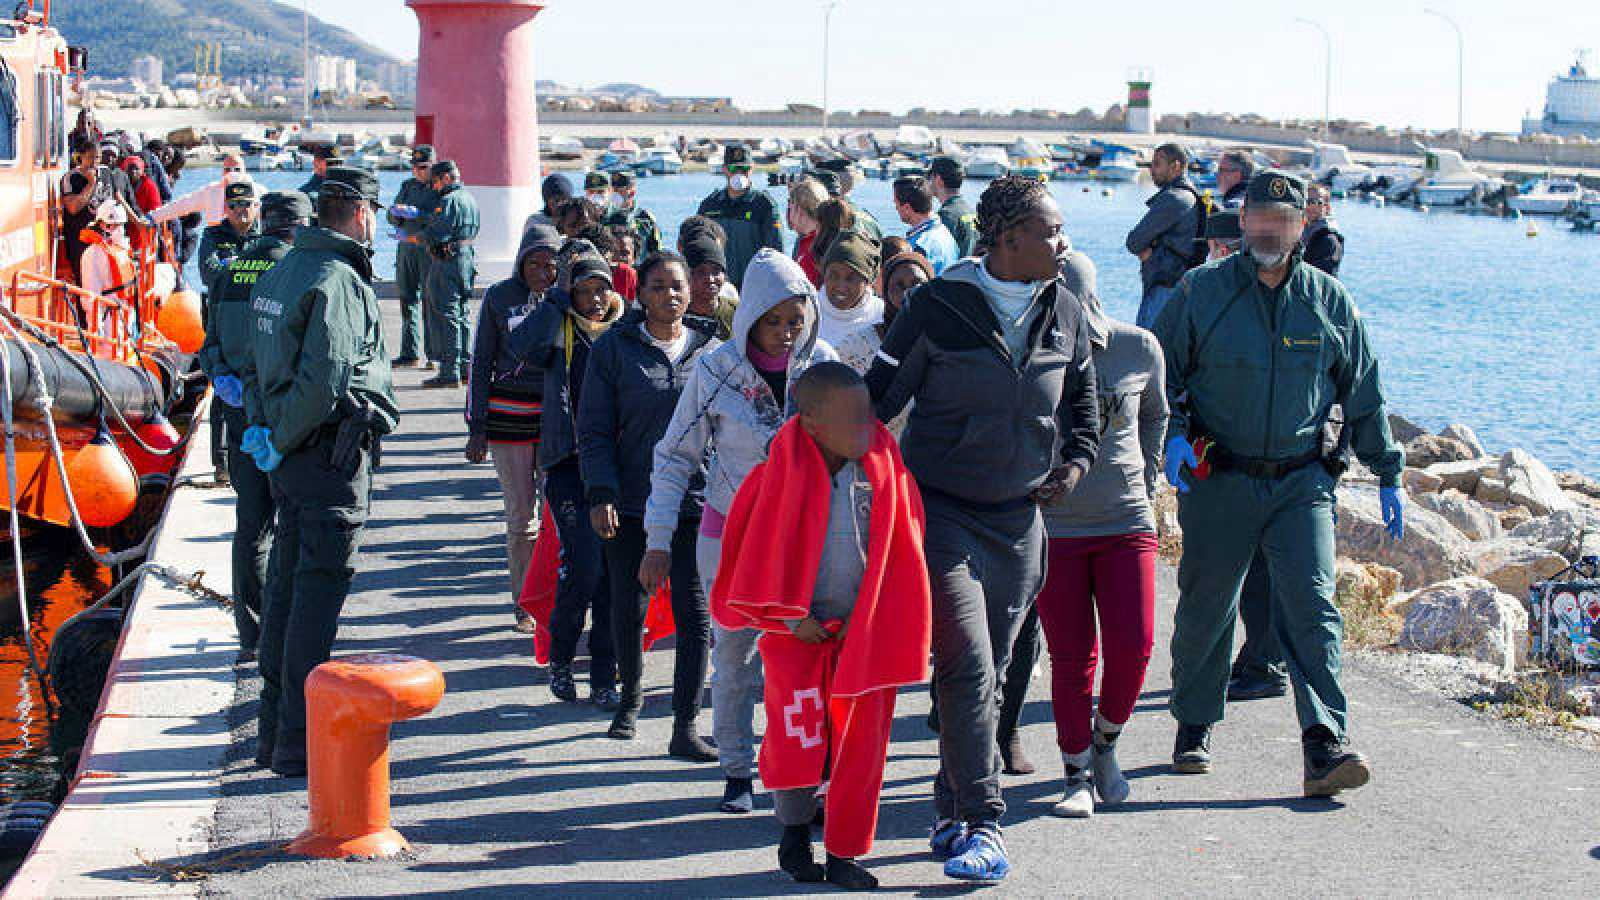 España quizás registre más llegadas de migrantes | RTVE